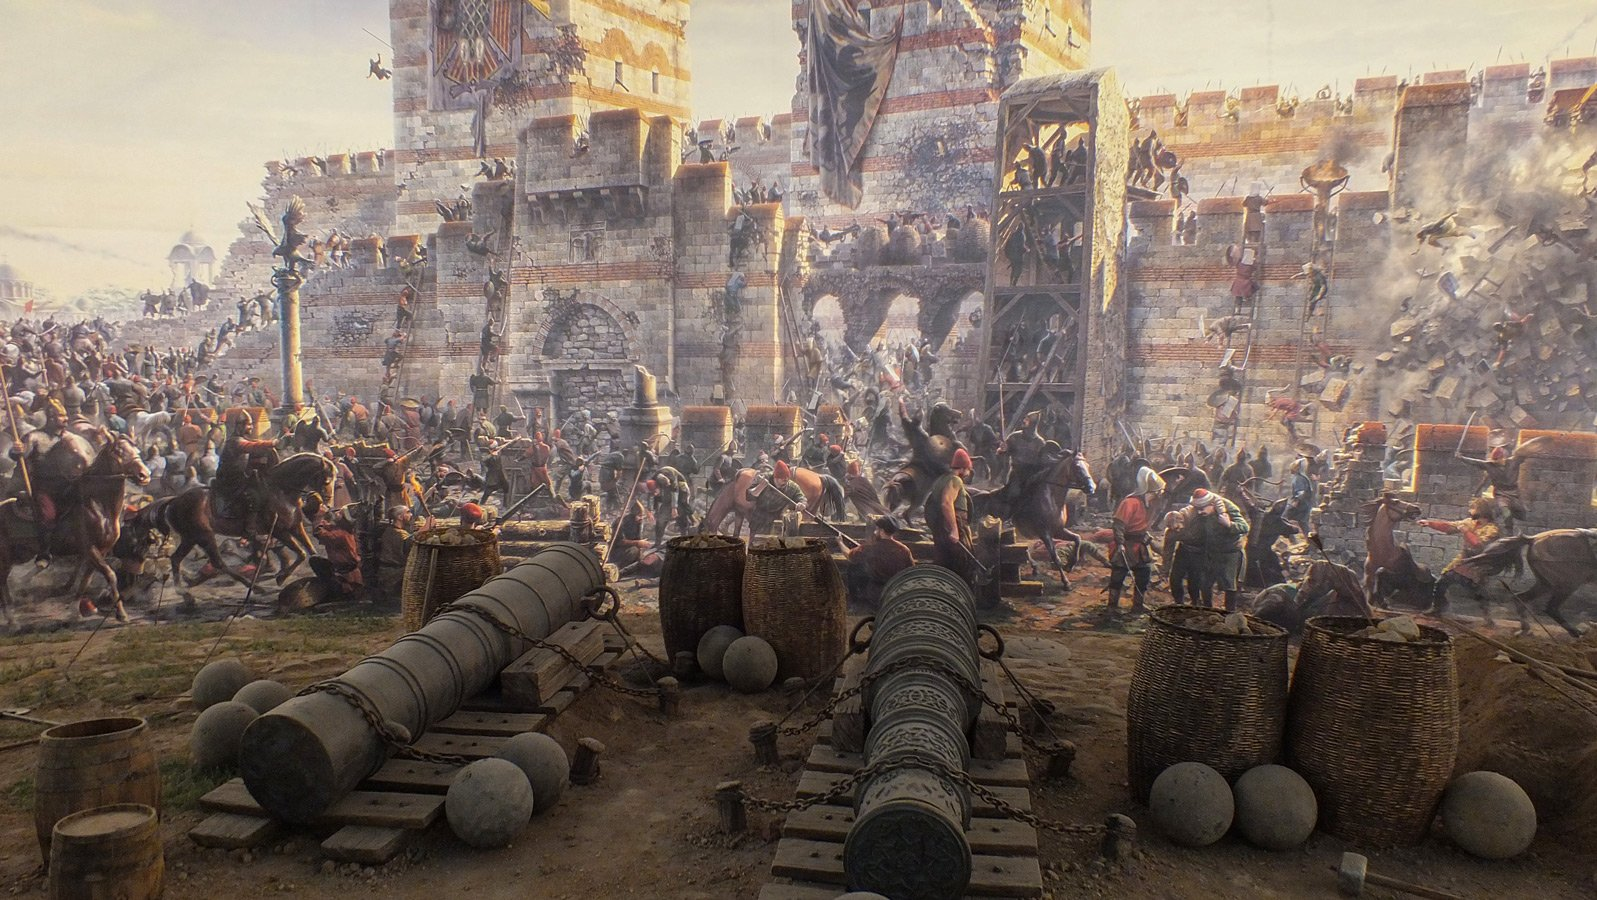 падение константинополя 1453 падение византии мехмет ii отвратительные мужики disgusting men